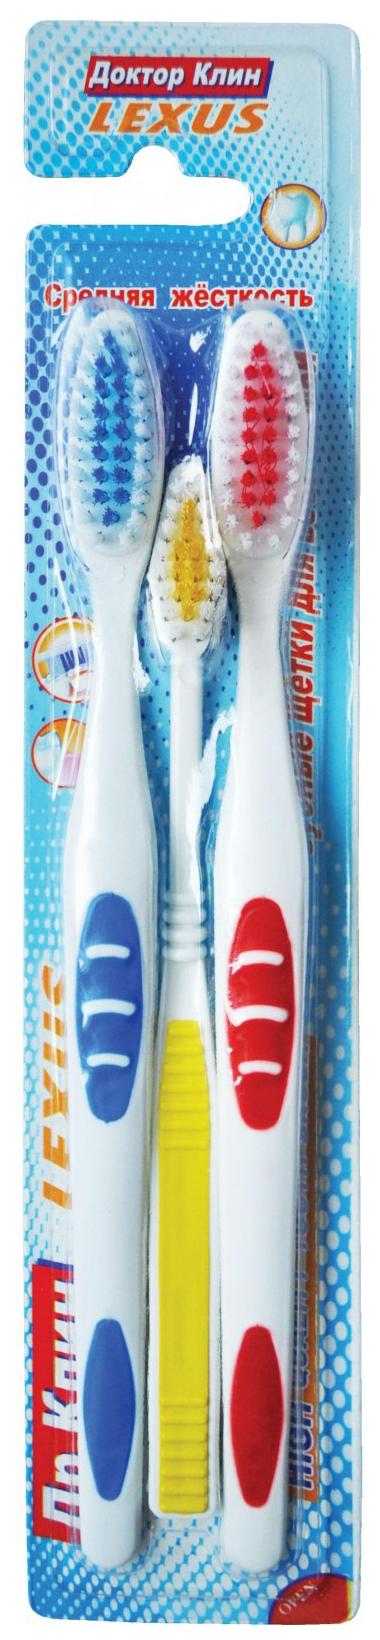 Зубная щетка Dr.Clean \